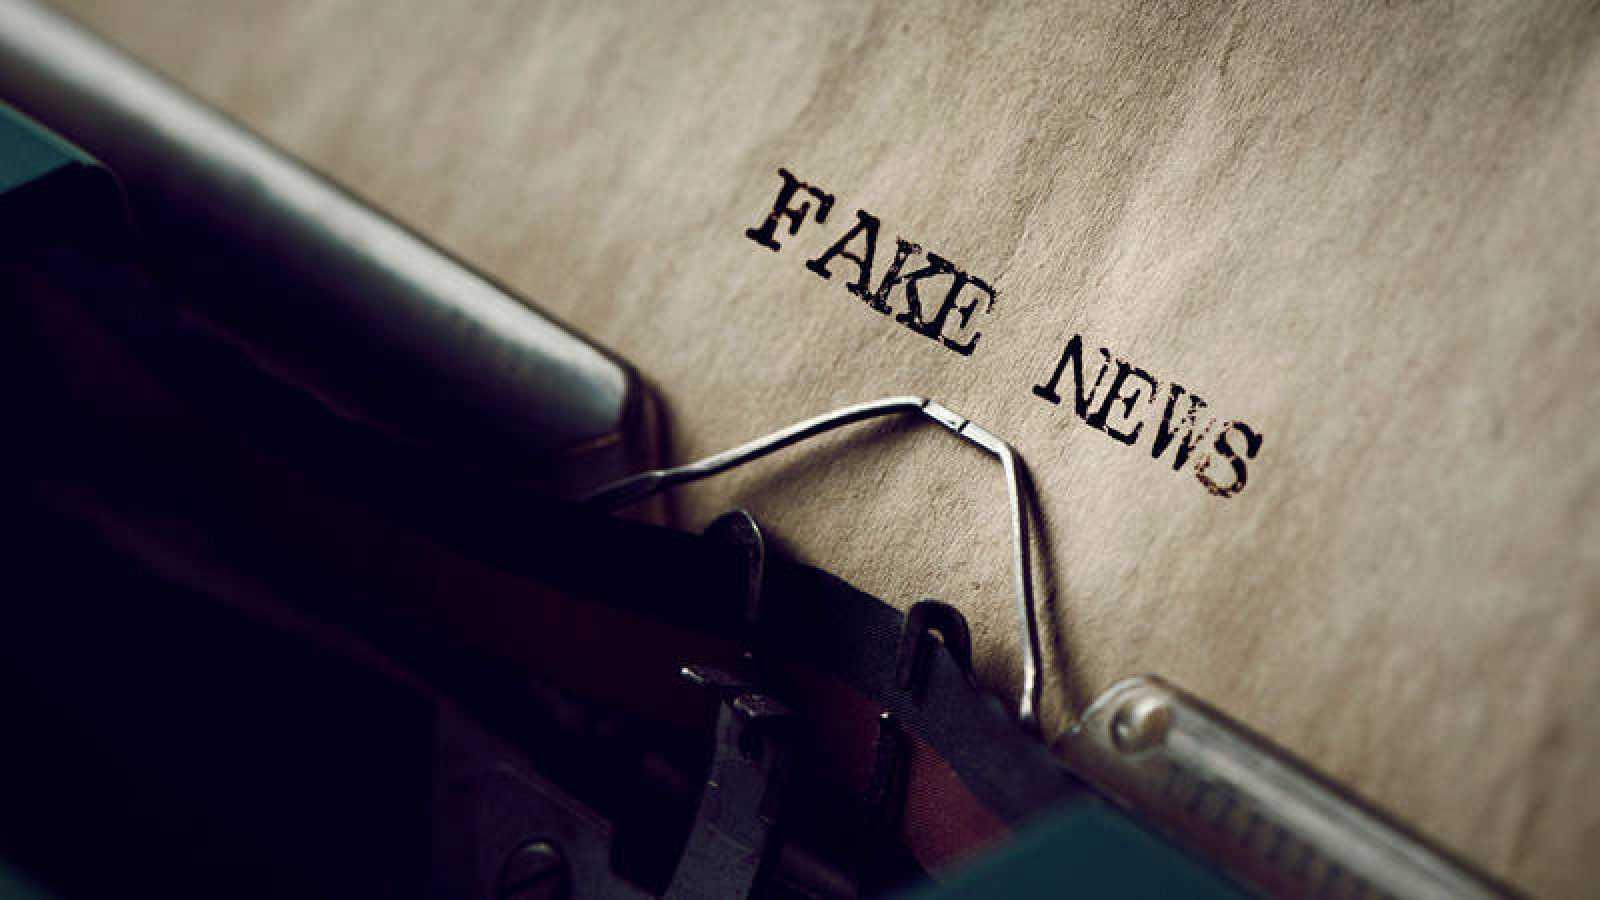 Preocupación ante las 'fake news' o noticias falsas